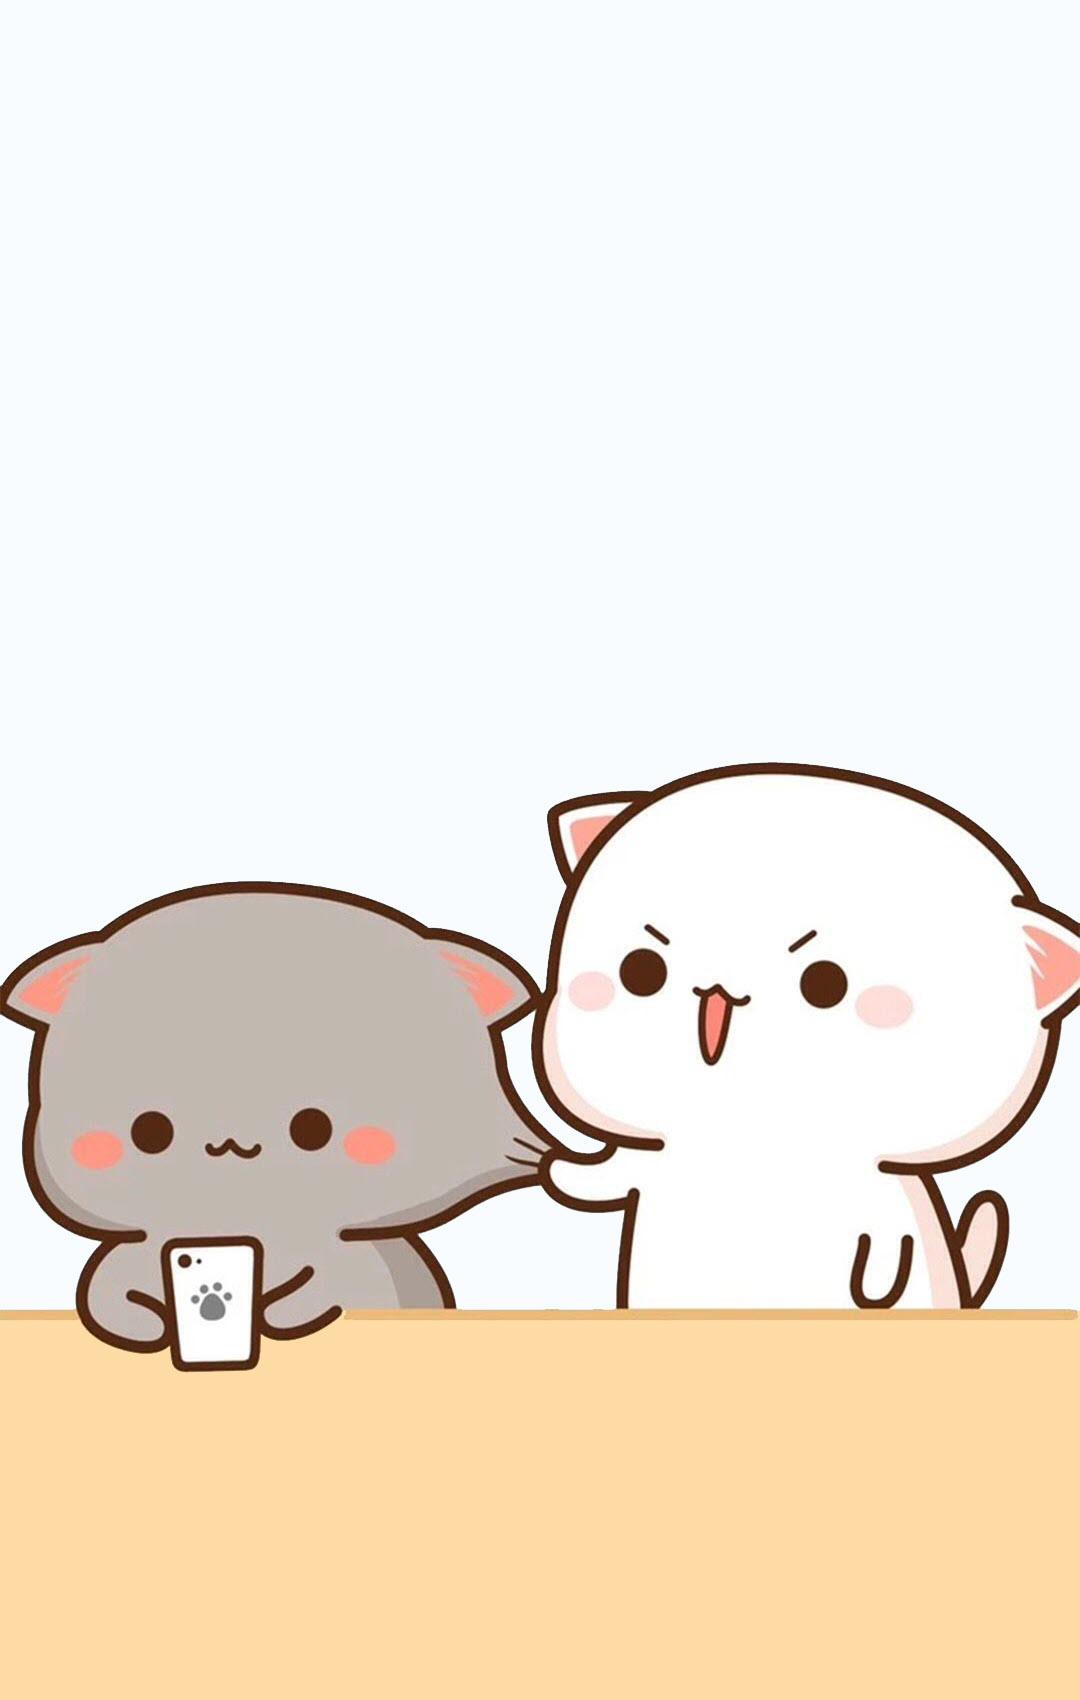 Hình ảnh hoạt hình cute về tình yêu